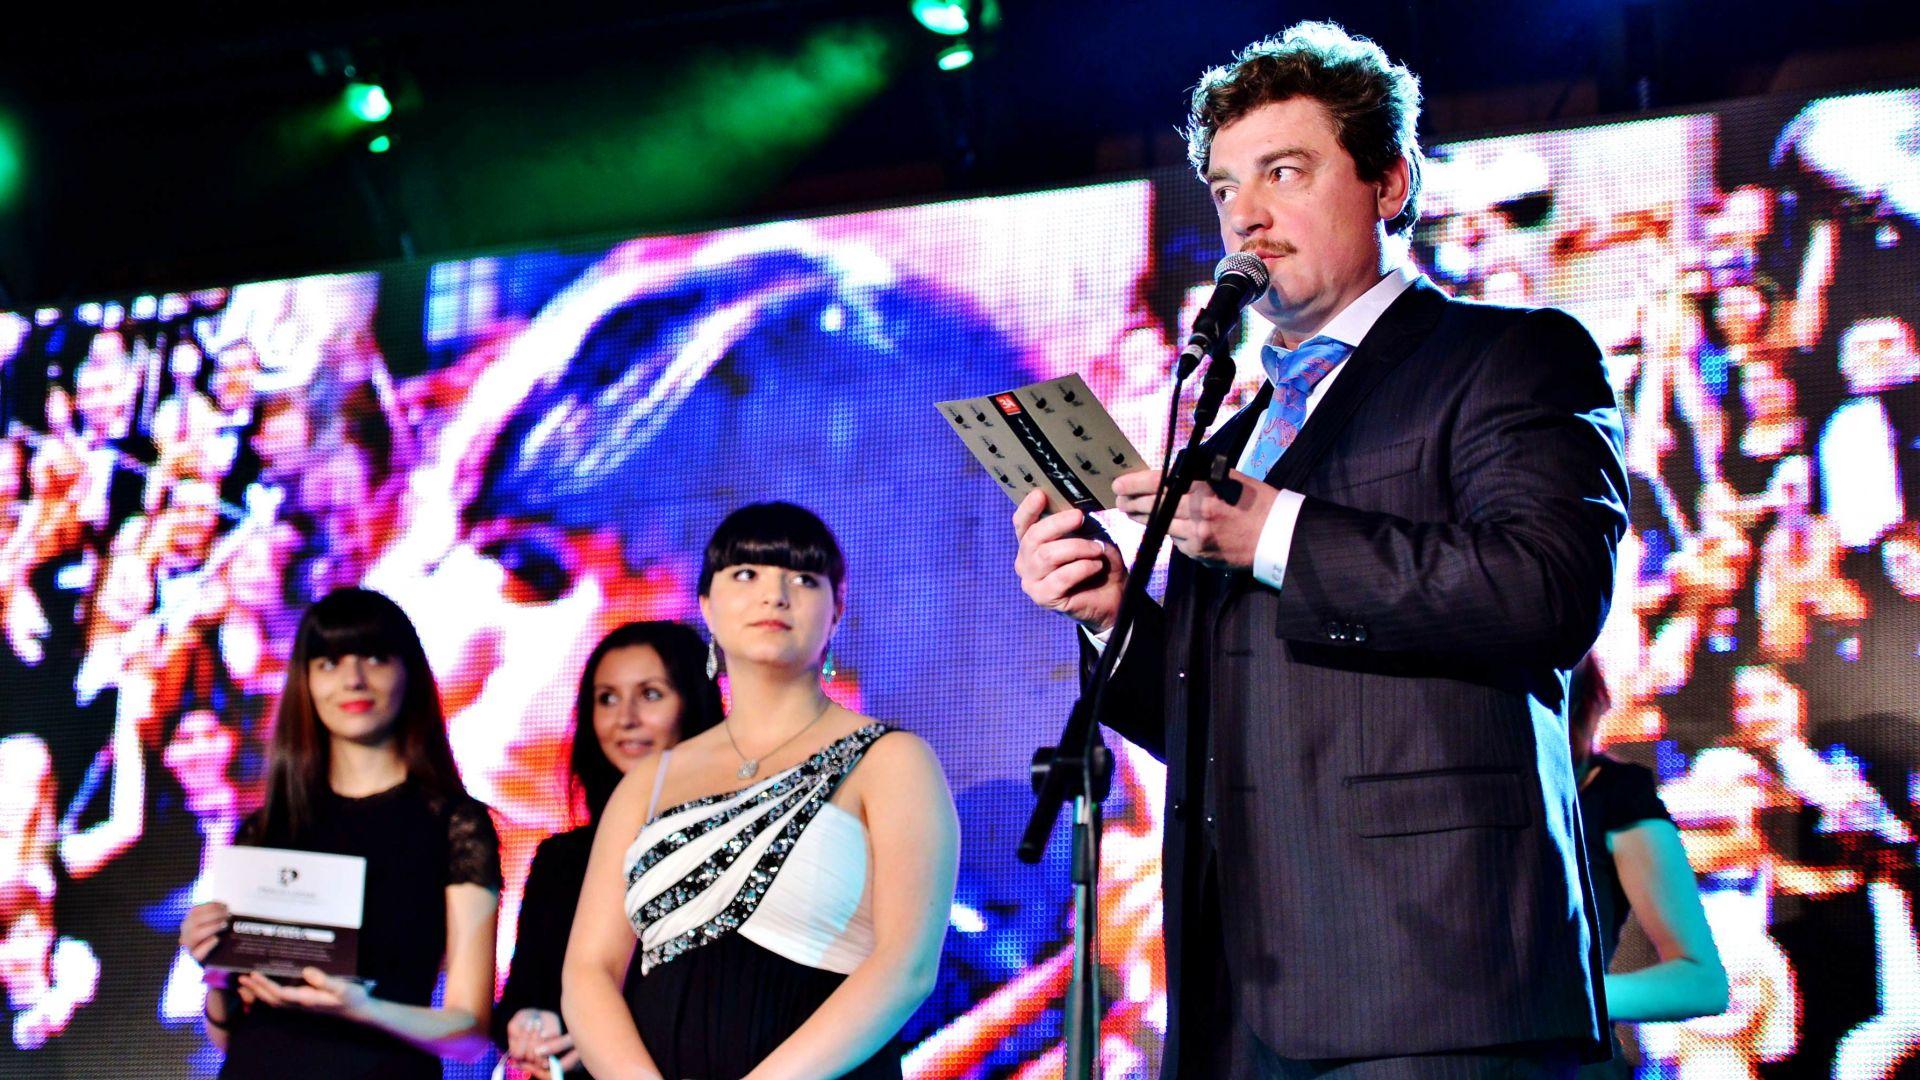 Камен Донев: Ще си търся правата заради фалшивия пост във Фейсбук